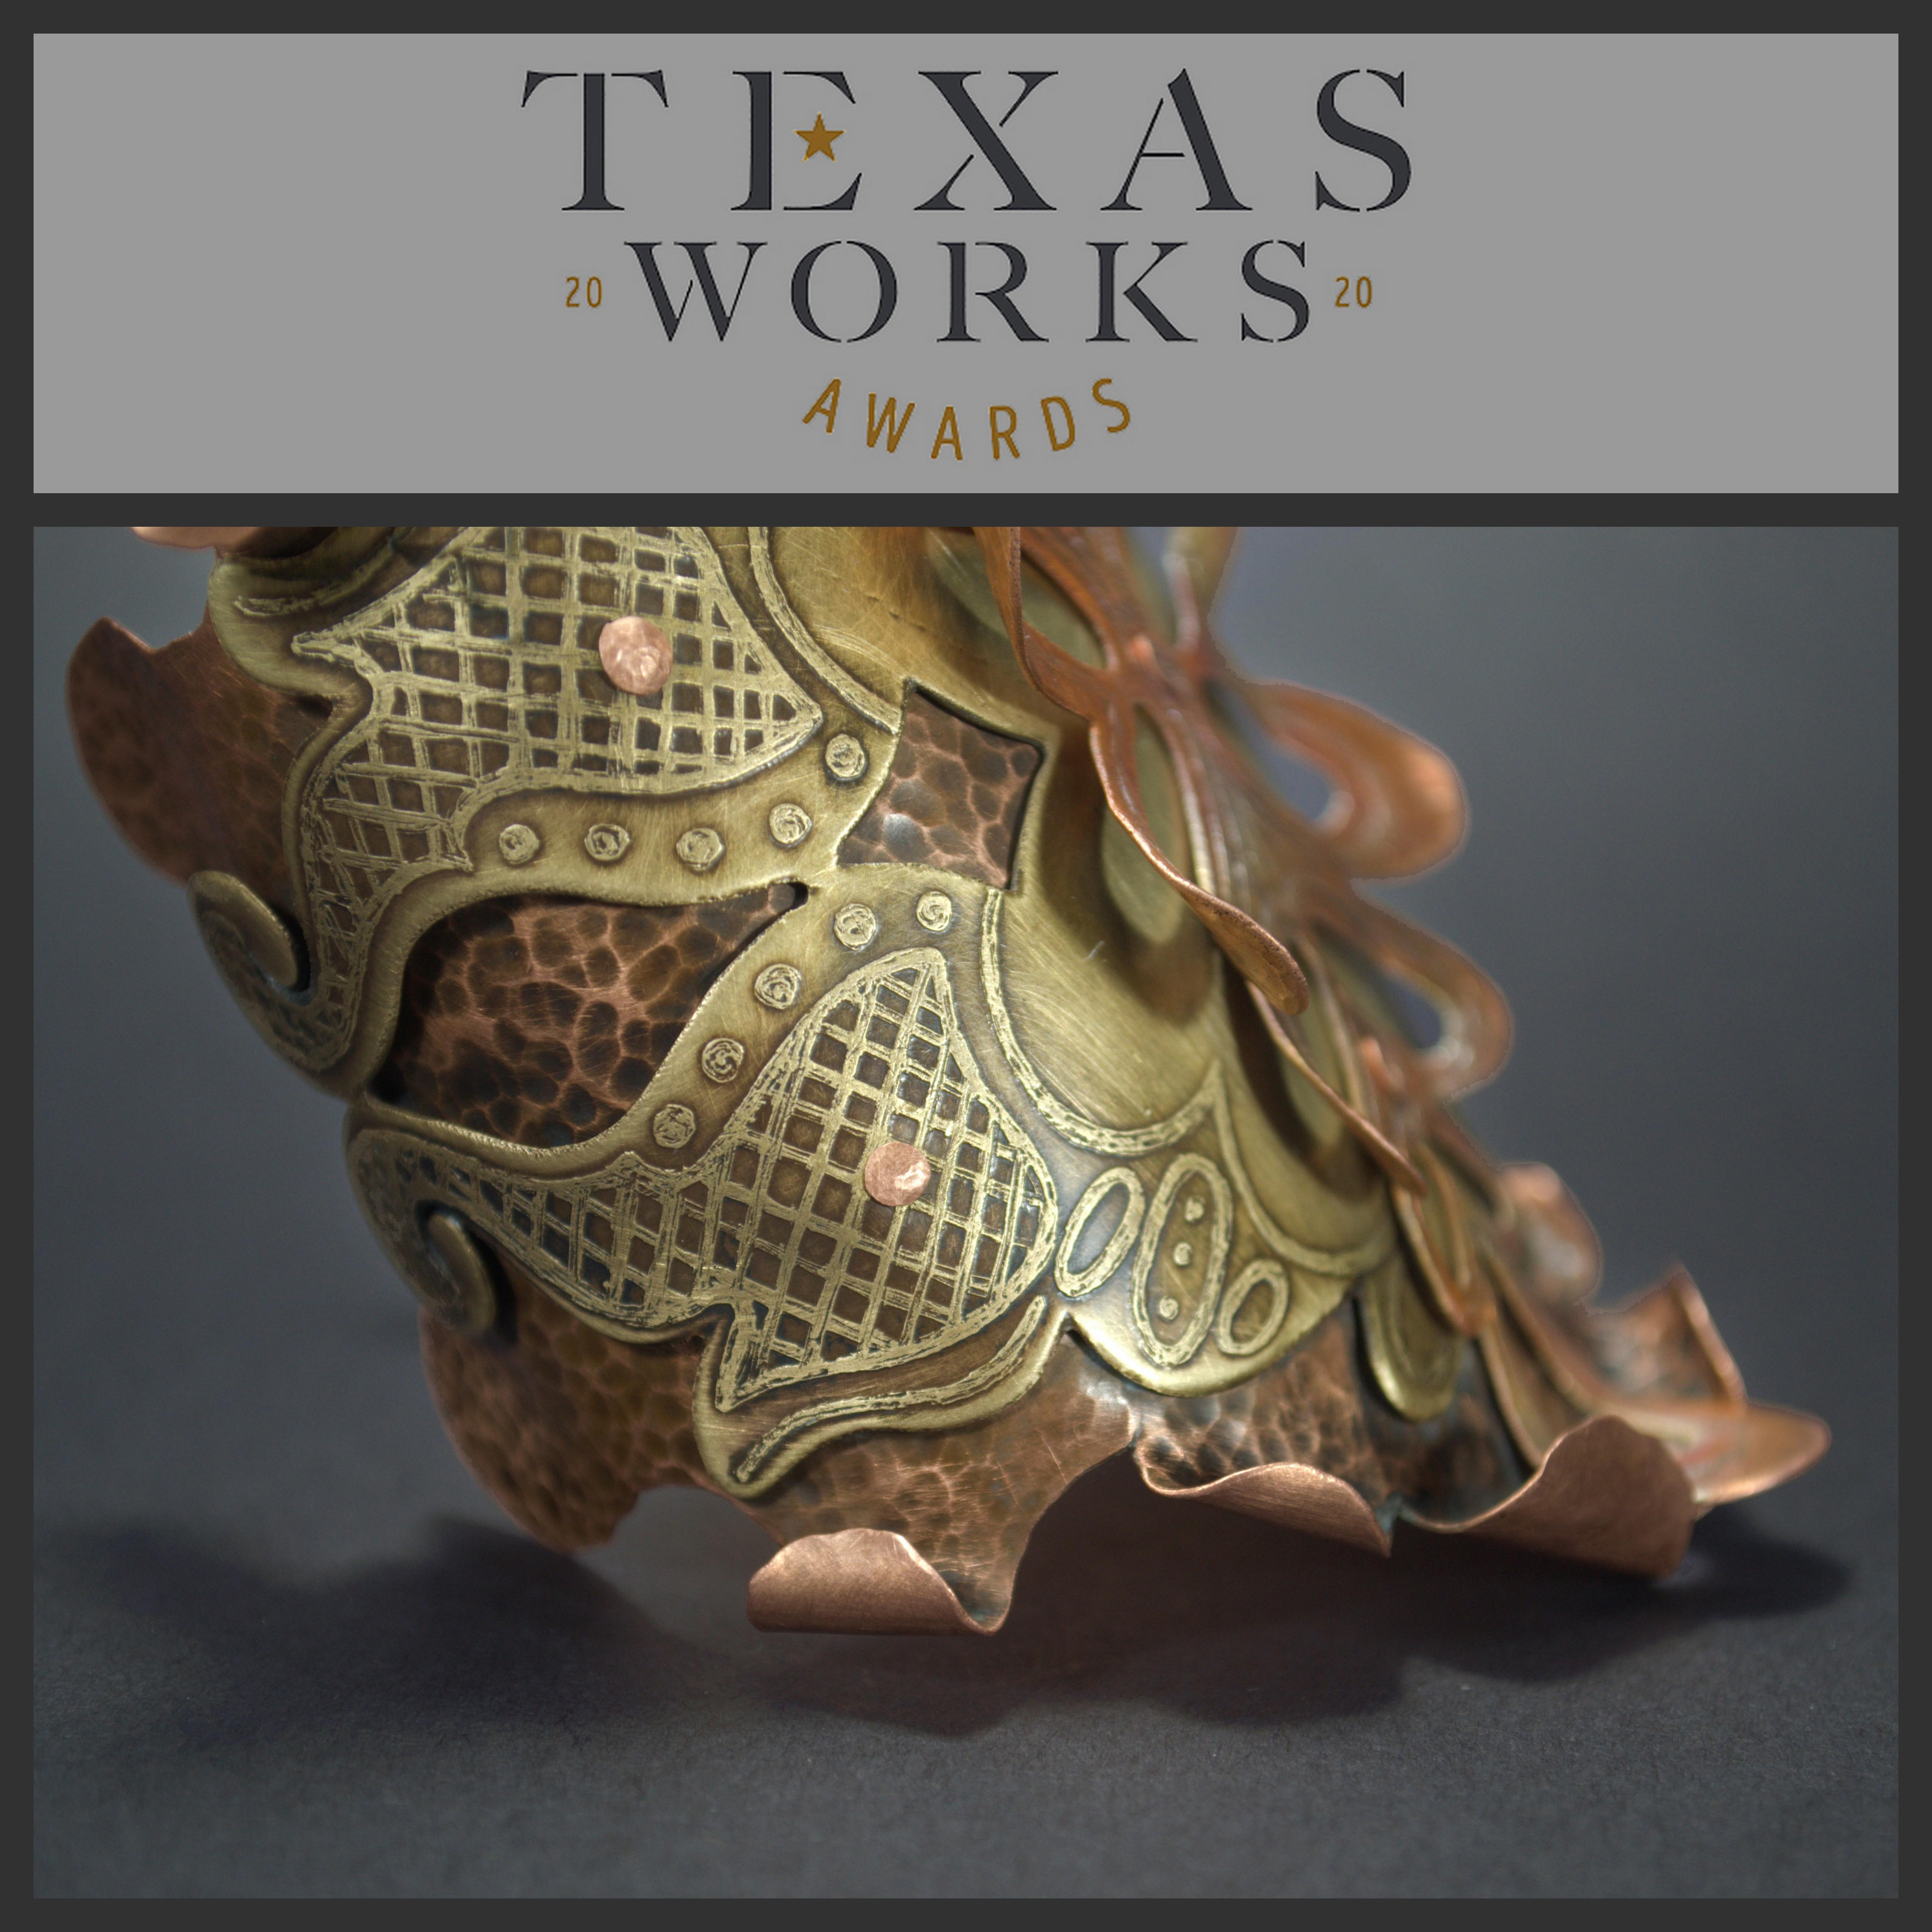 2020_texas_works_awards_go_texan_dawna_g